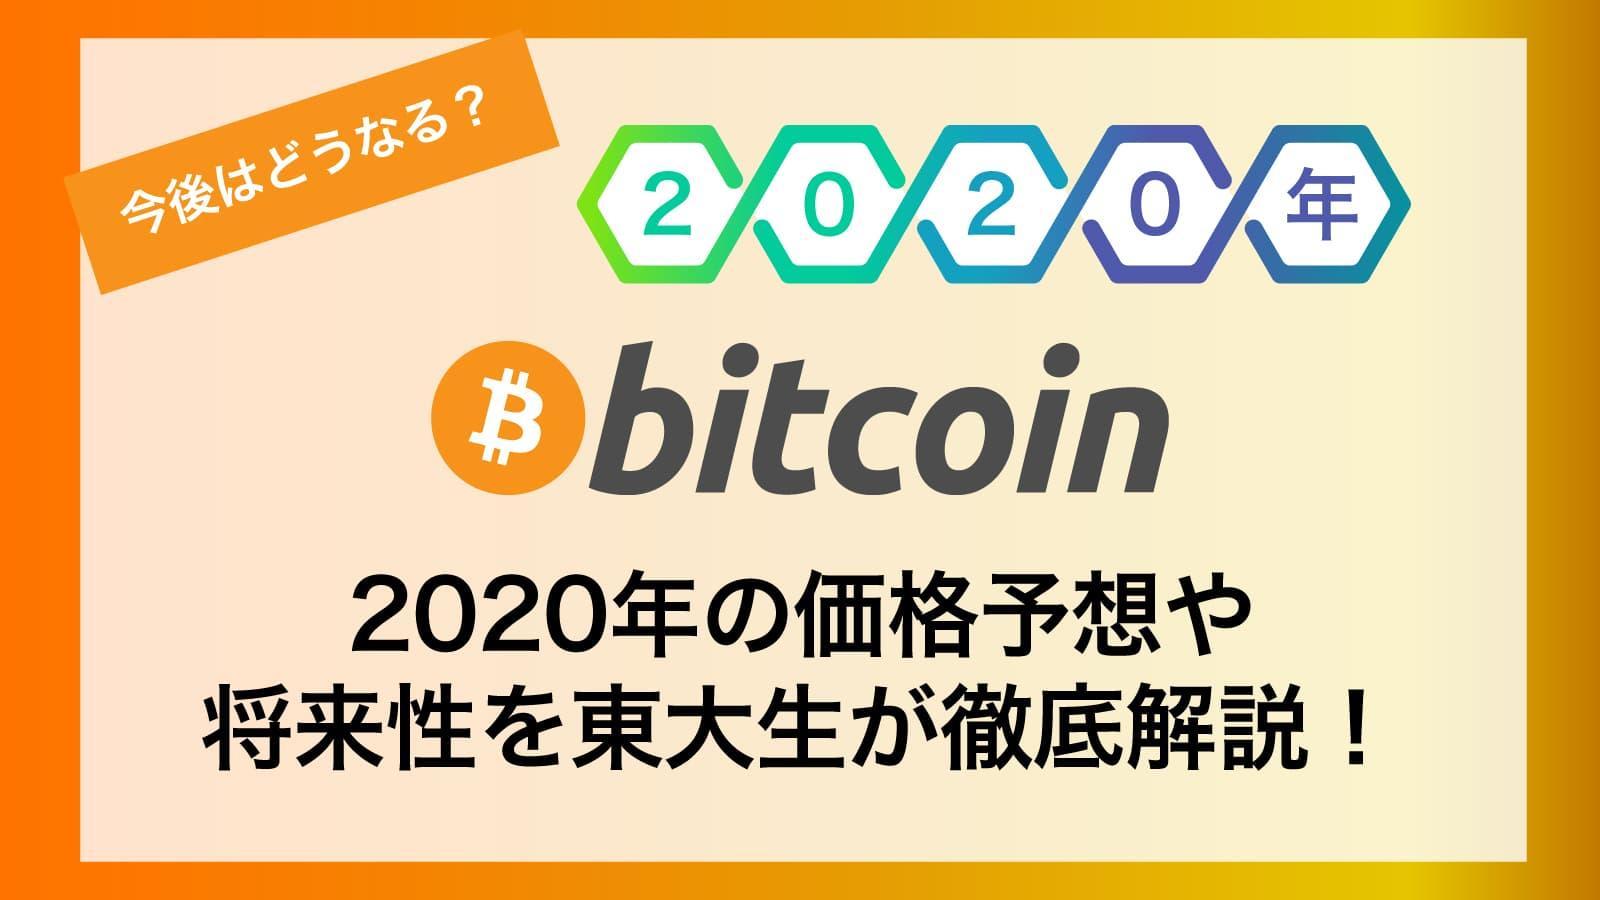 ビットコインは今後どうなる?2020年の価格予想や将来性を徹底解説のアイキャッチ画像